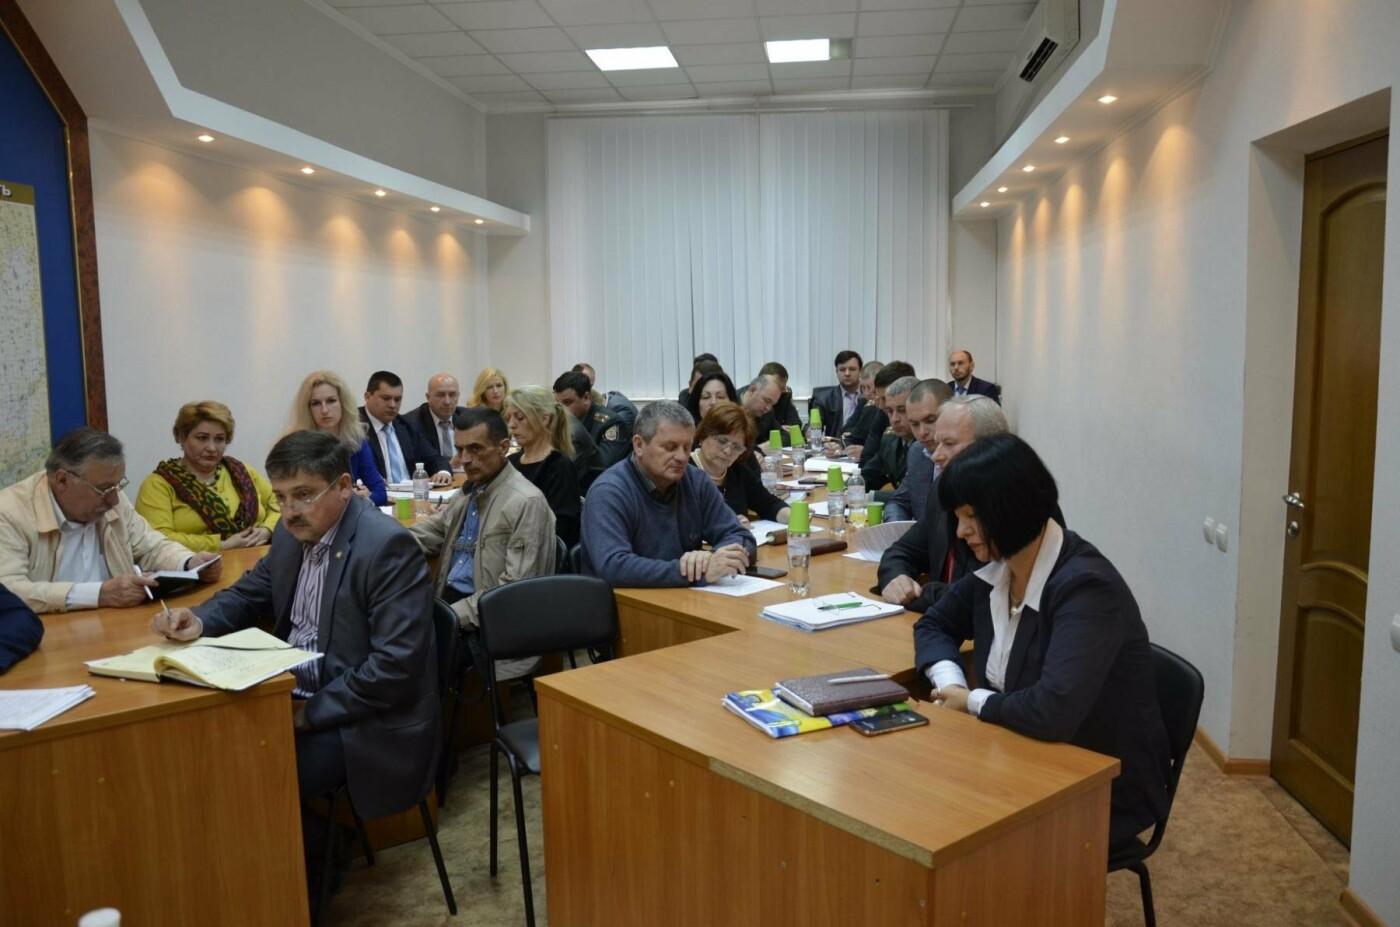 В Николаеве состоялось совещание по обеспечению мест несвободы надлежащими условиями, - ФОТО, фото-4